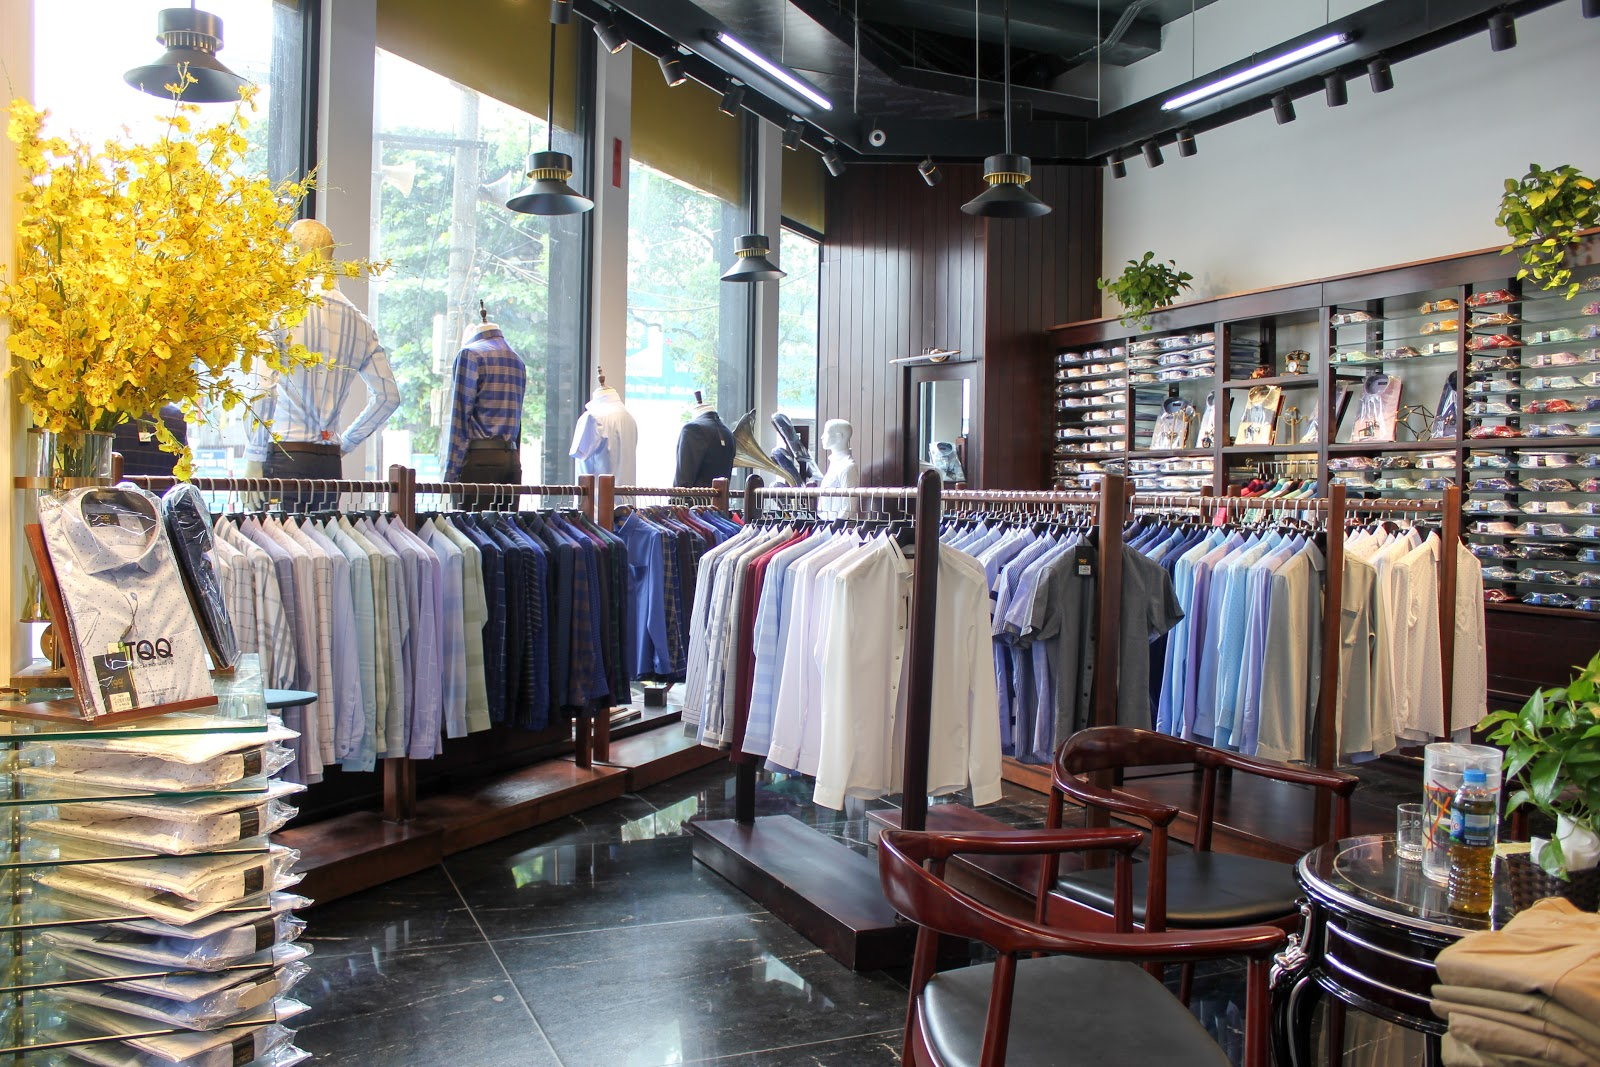 Cửa hàng TQQ bày bán đa dạng các mẫu áo sơ mi nam trơn, đa dạng lựa chọn cho khách hàng